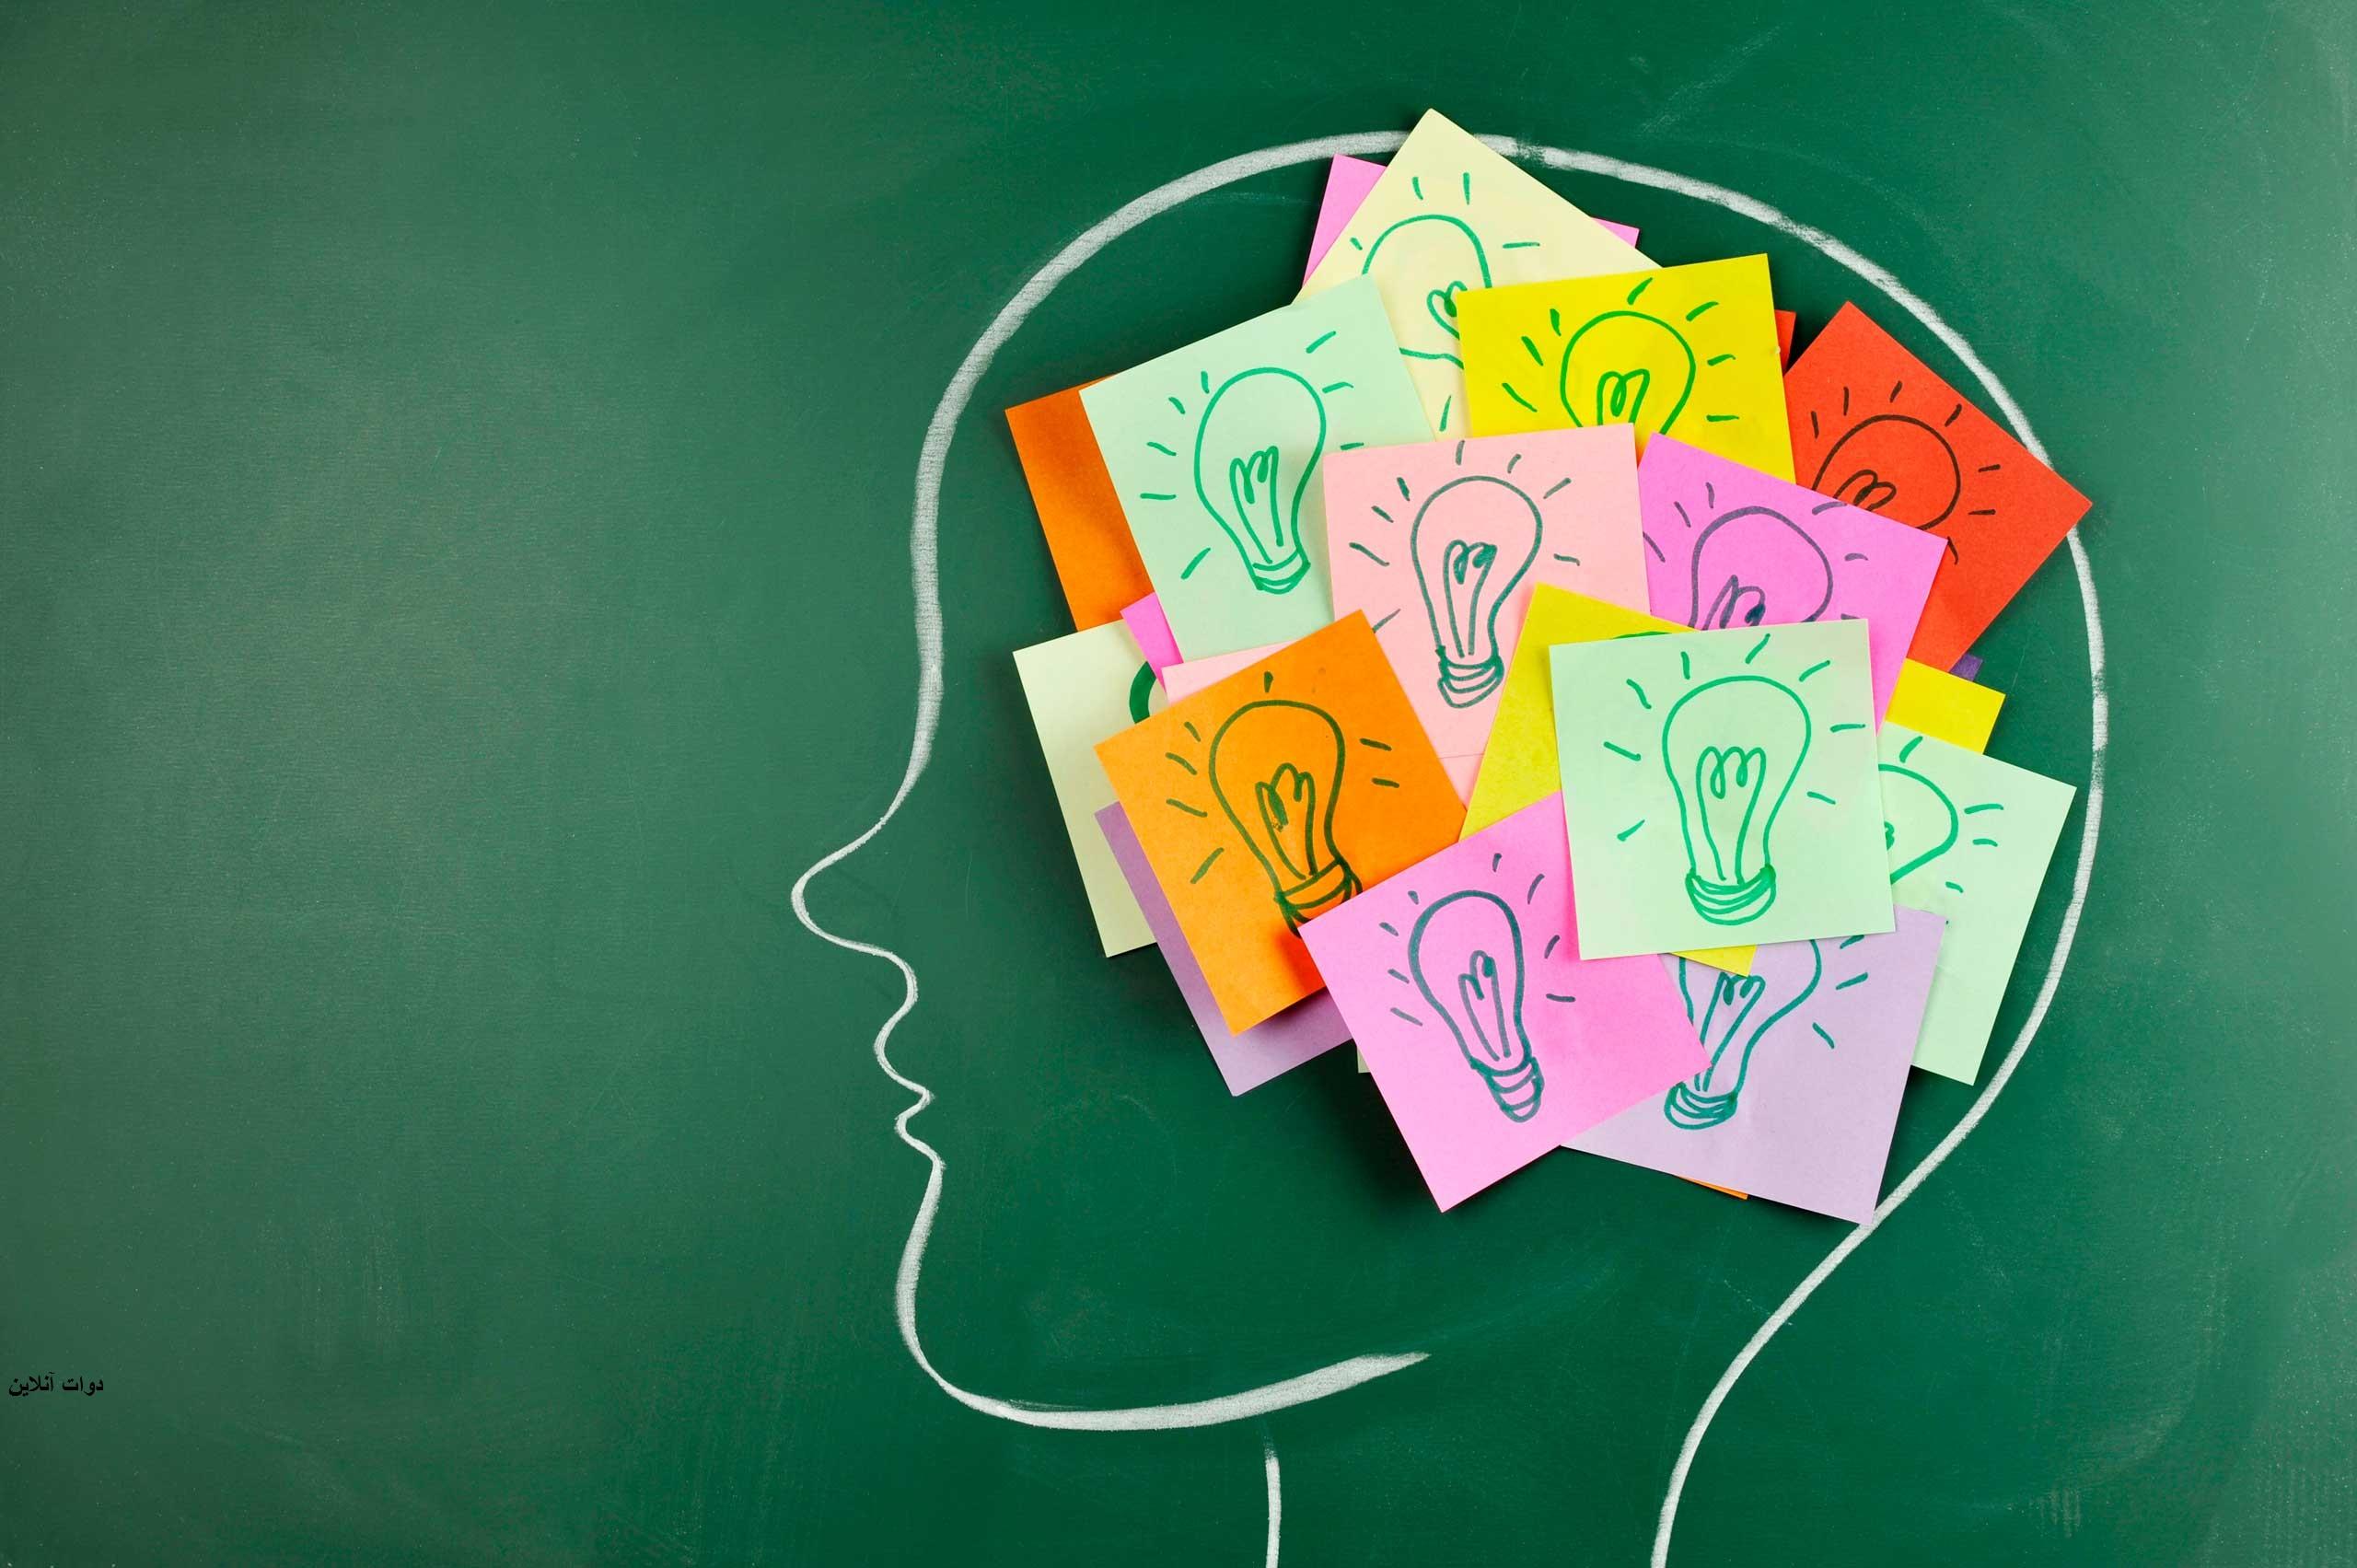 کارهایی که برای تقویت حافظه باید انجام داد